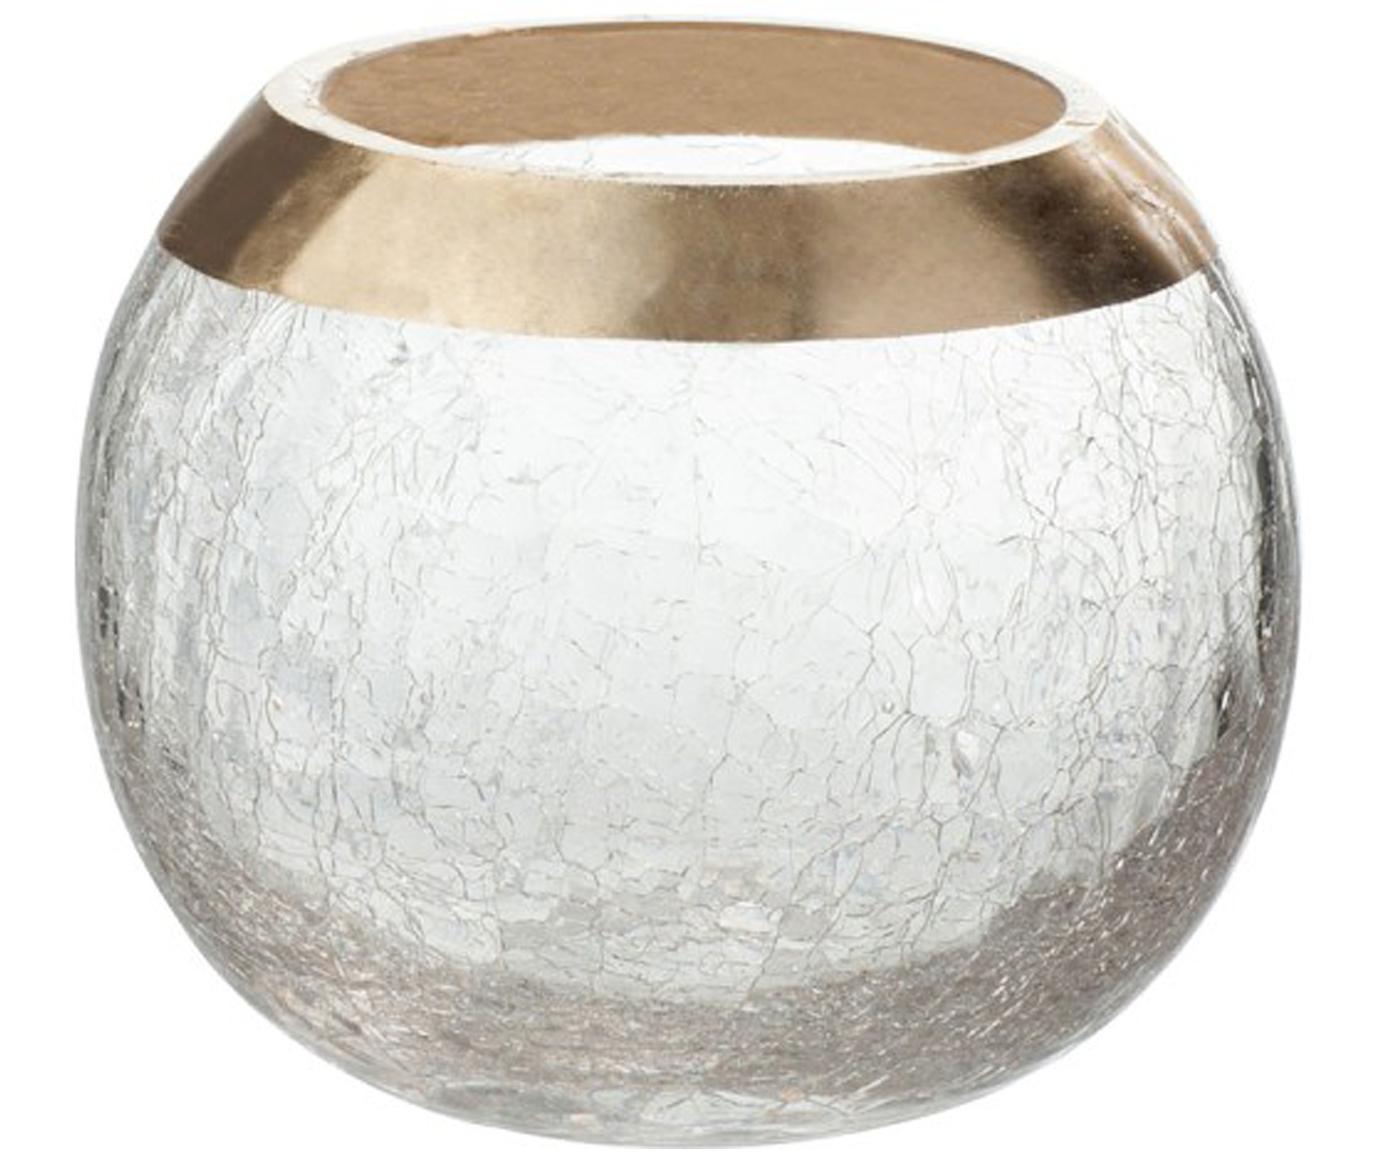 Portalumini Lackle, Vetro verniciato, Trasparente, dorato, Ø 14 x Alt. 11 cm